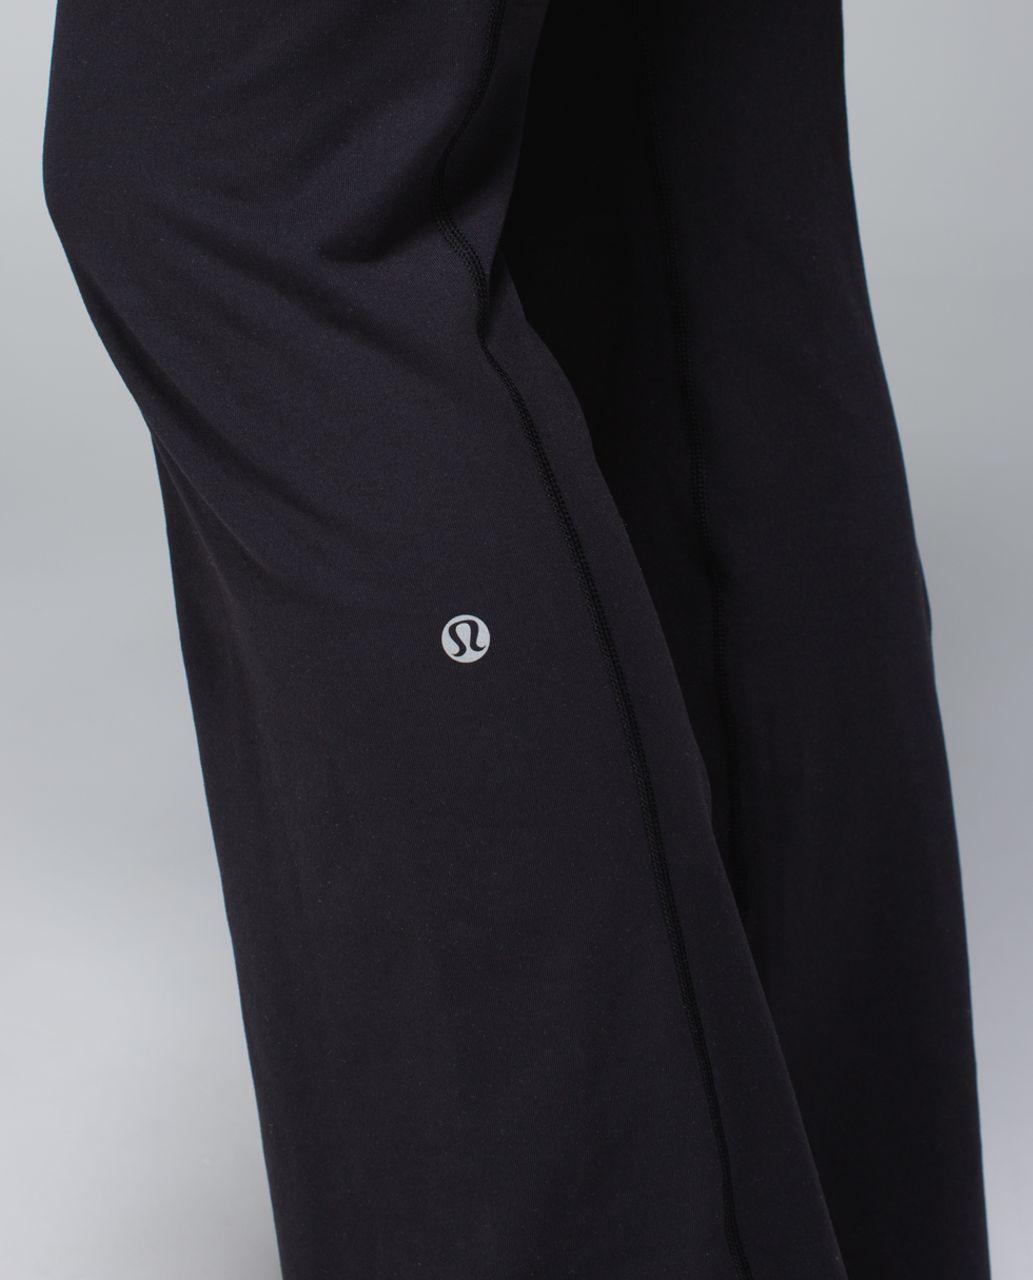 Lululemon Groove Pant (Regular) *Full-On Luon - Black / Quilt Winter 13-07